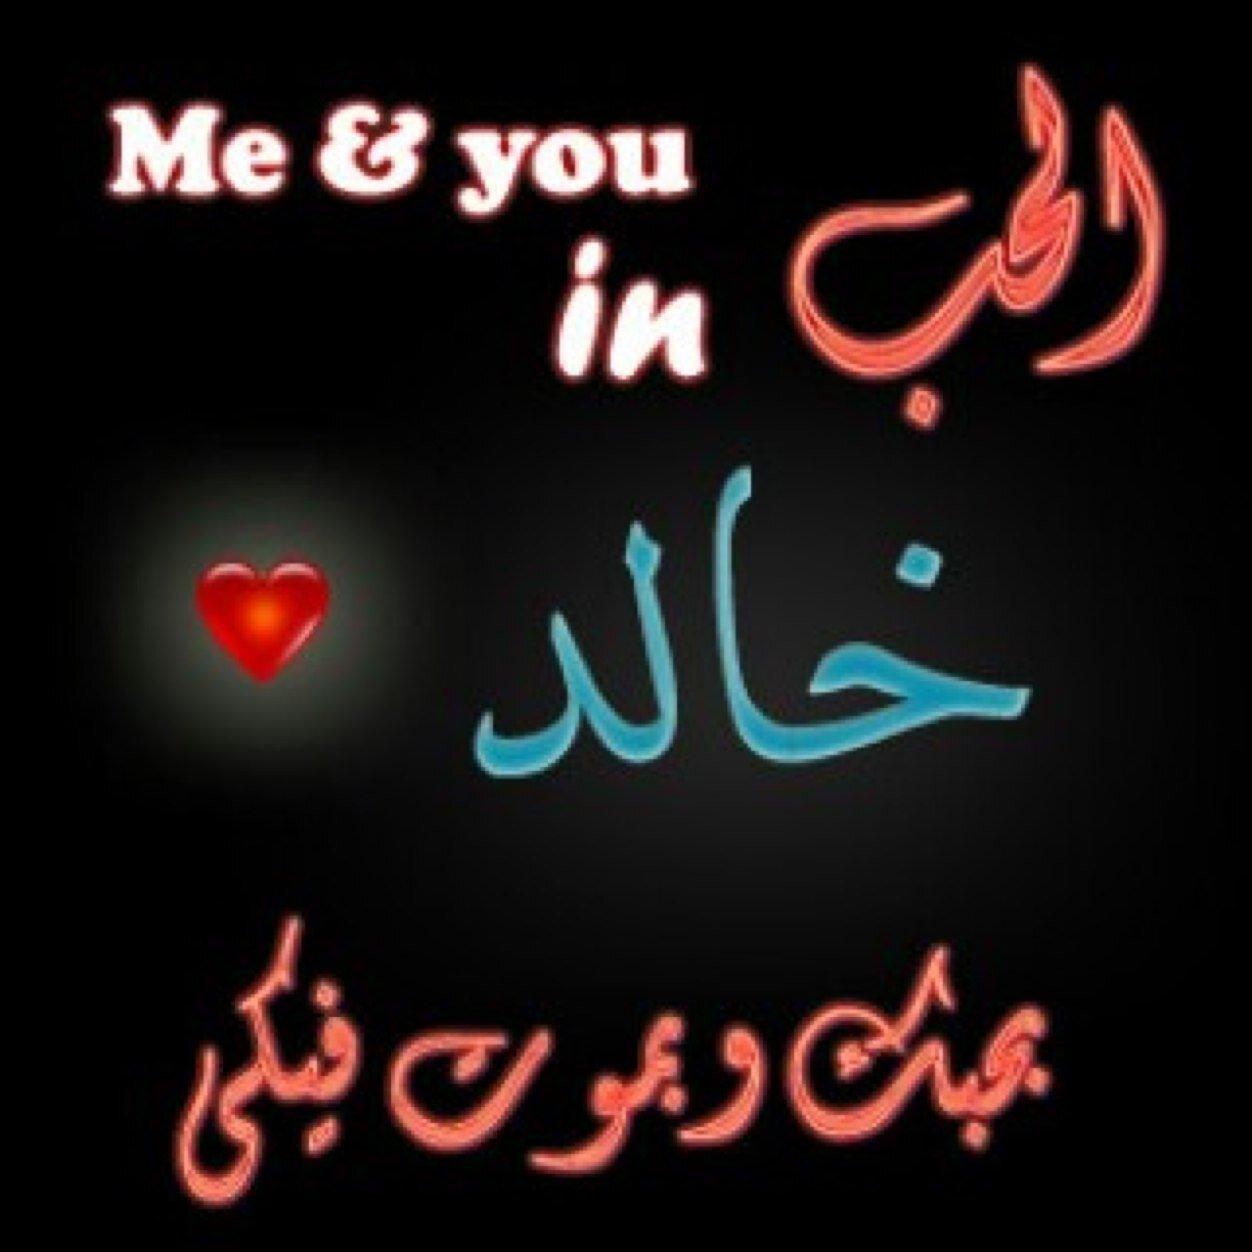 بالصور صور اسم خالد , اروع صور اسم خالد 4823 2